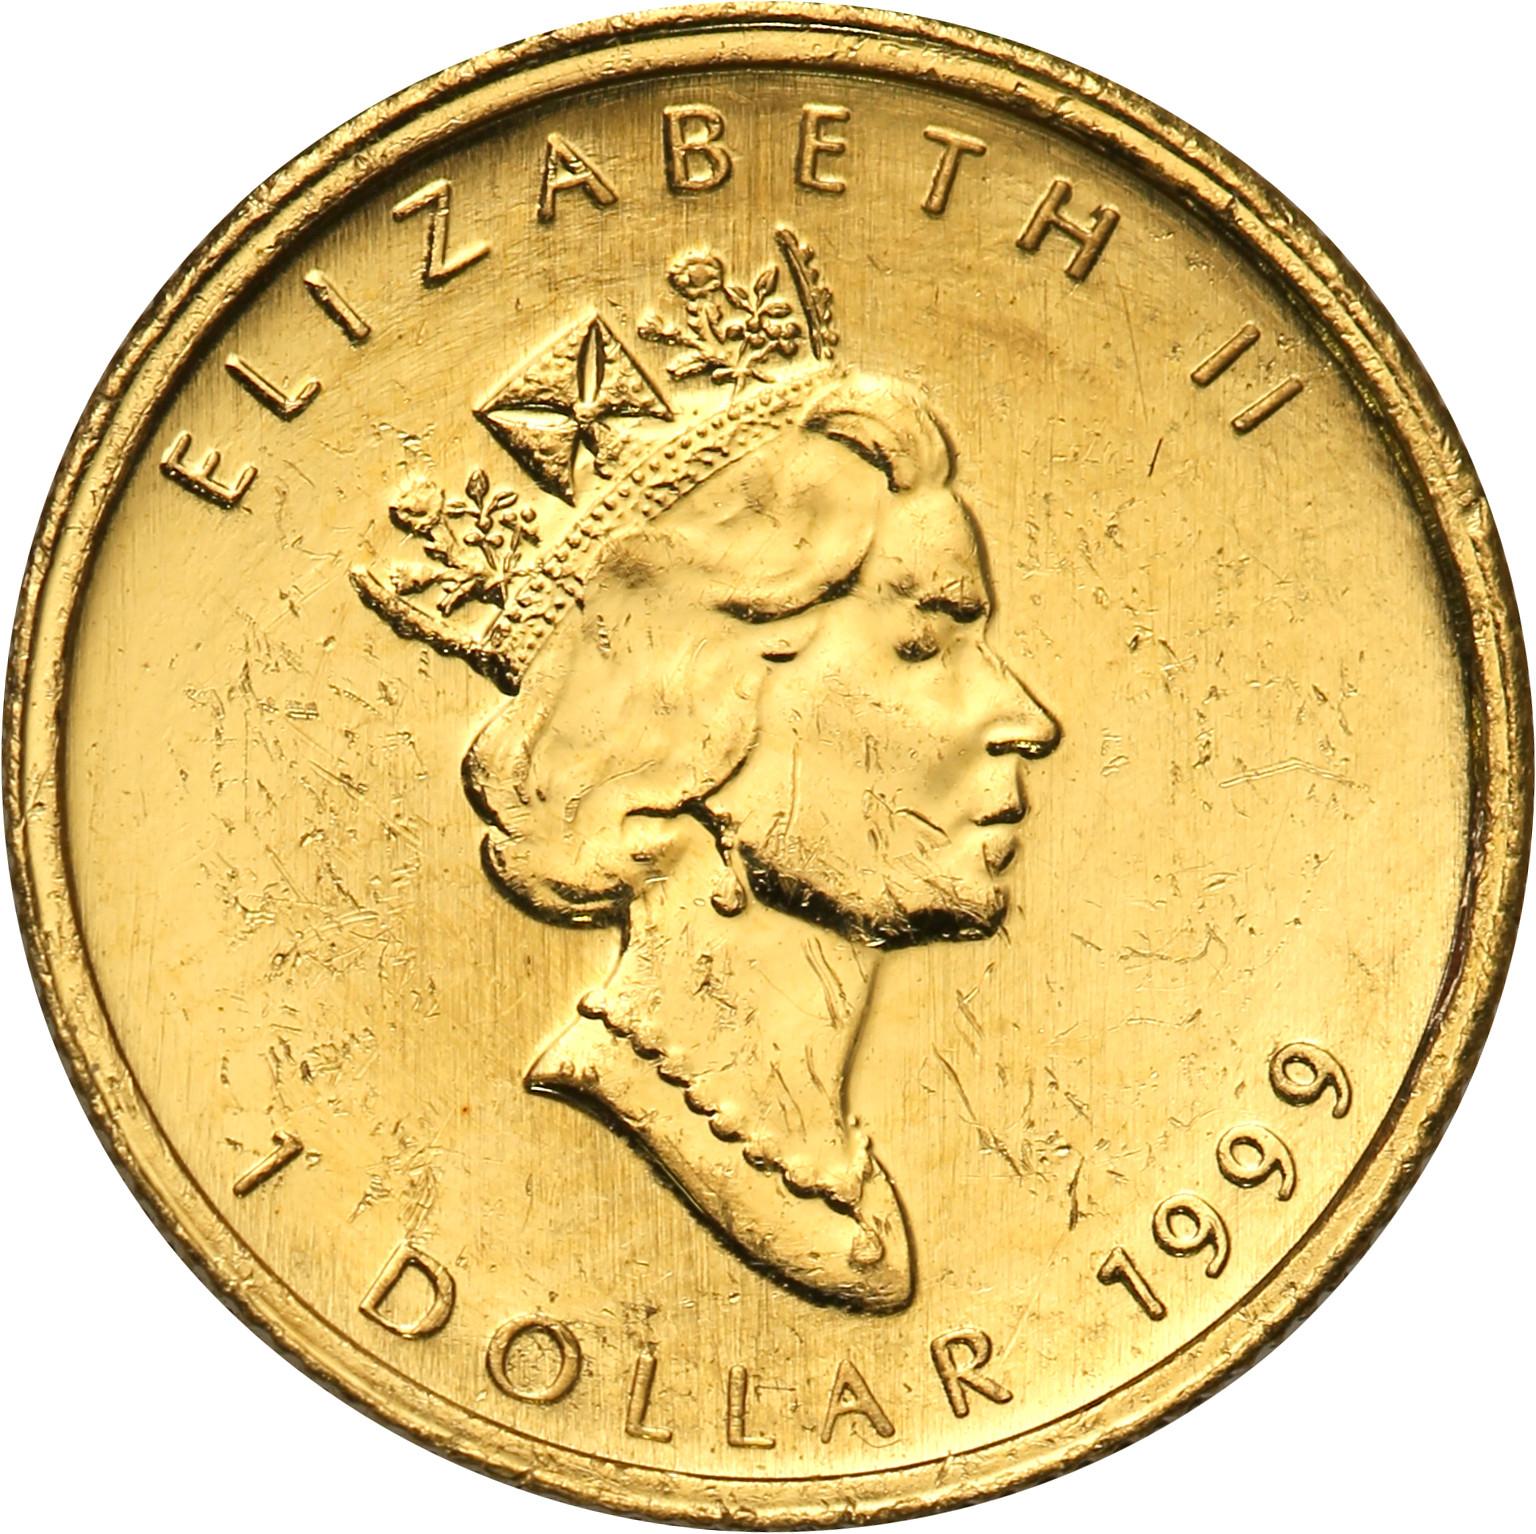 Kanada. 1 dolar 1999 Liść Klonowy st. 1 – 1/20 uncji złota